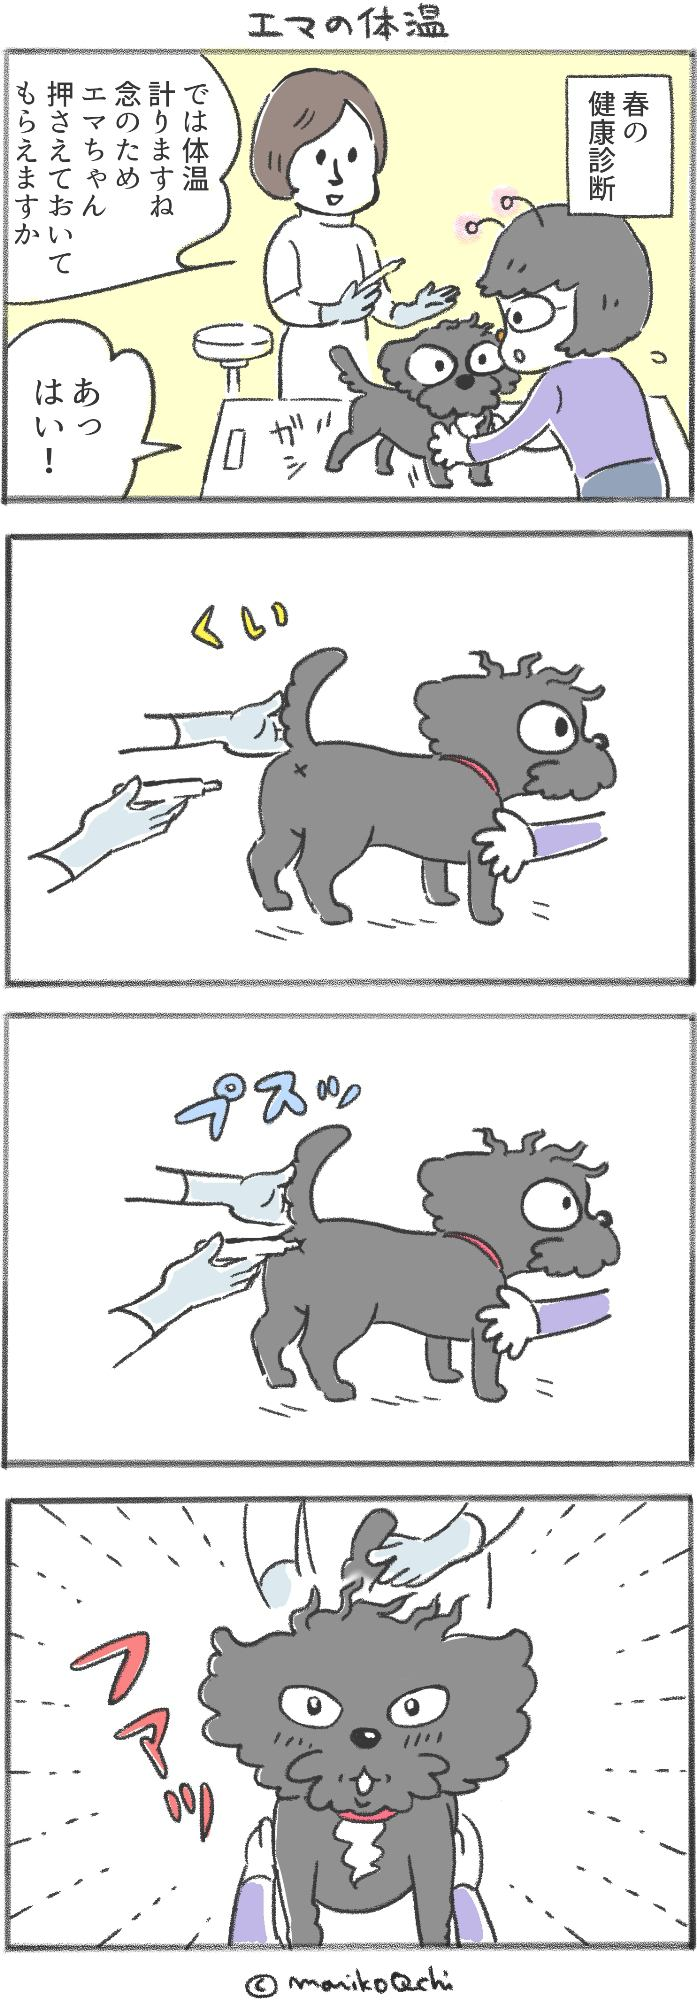 犬と暮らせば第36話